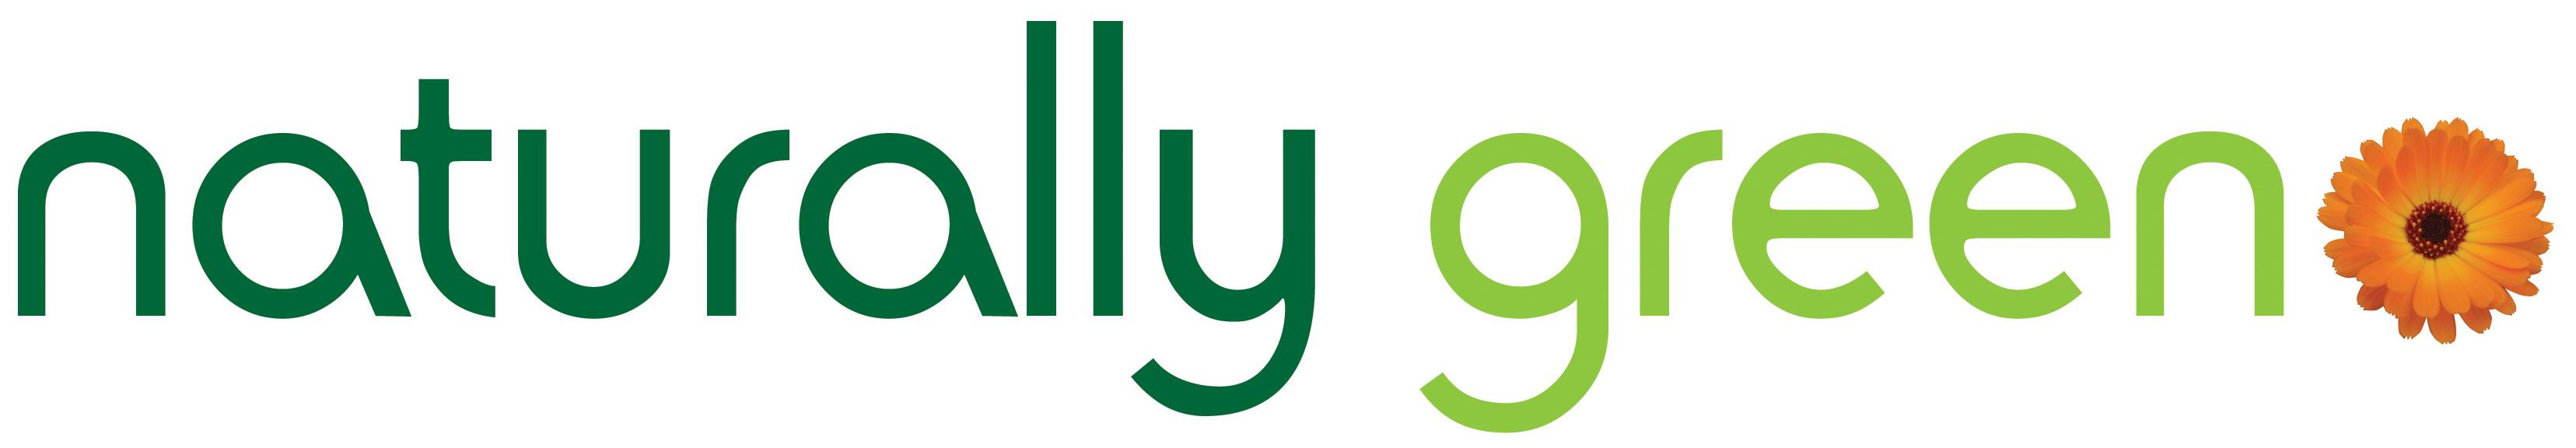 Naturally green logo